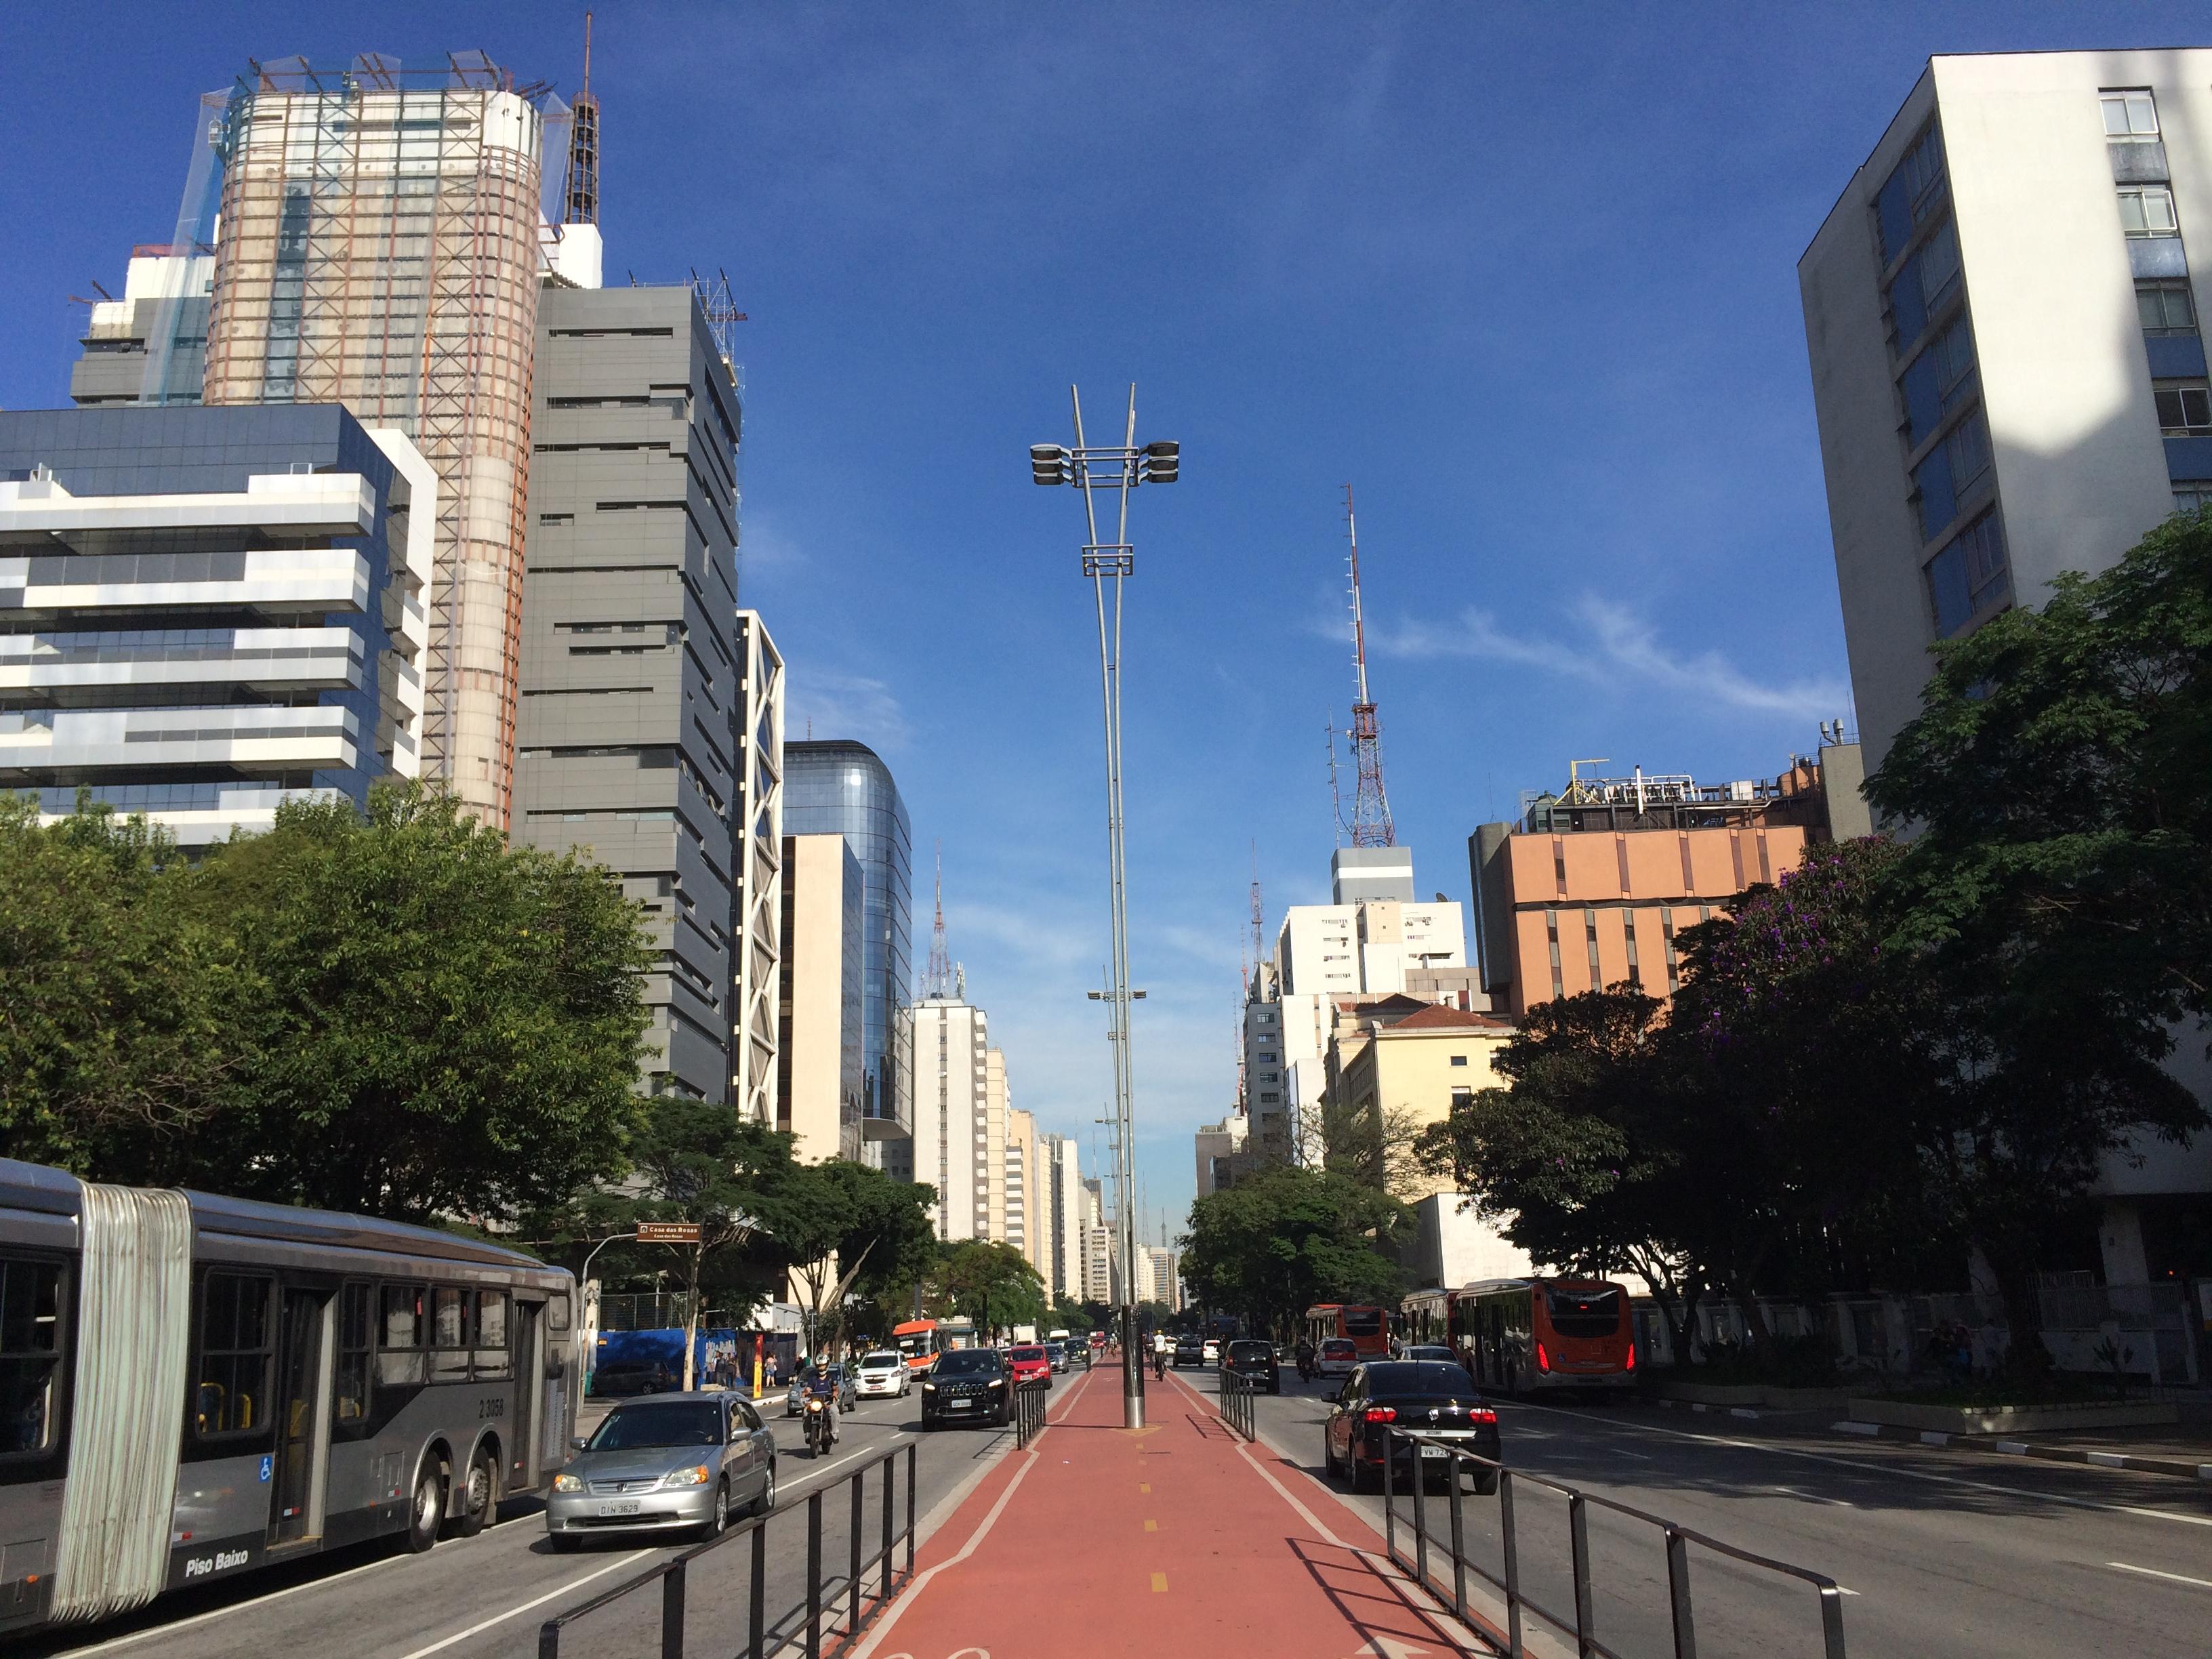 Avenida Paulista - O que fazer em Sao Paulo: roteiro sao paulo - 1 dia pelas 7 melhores atrações